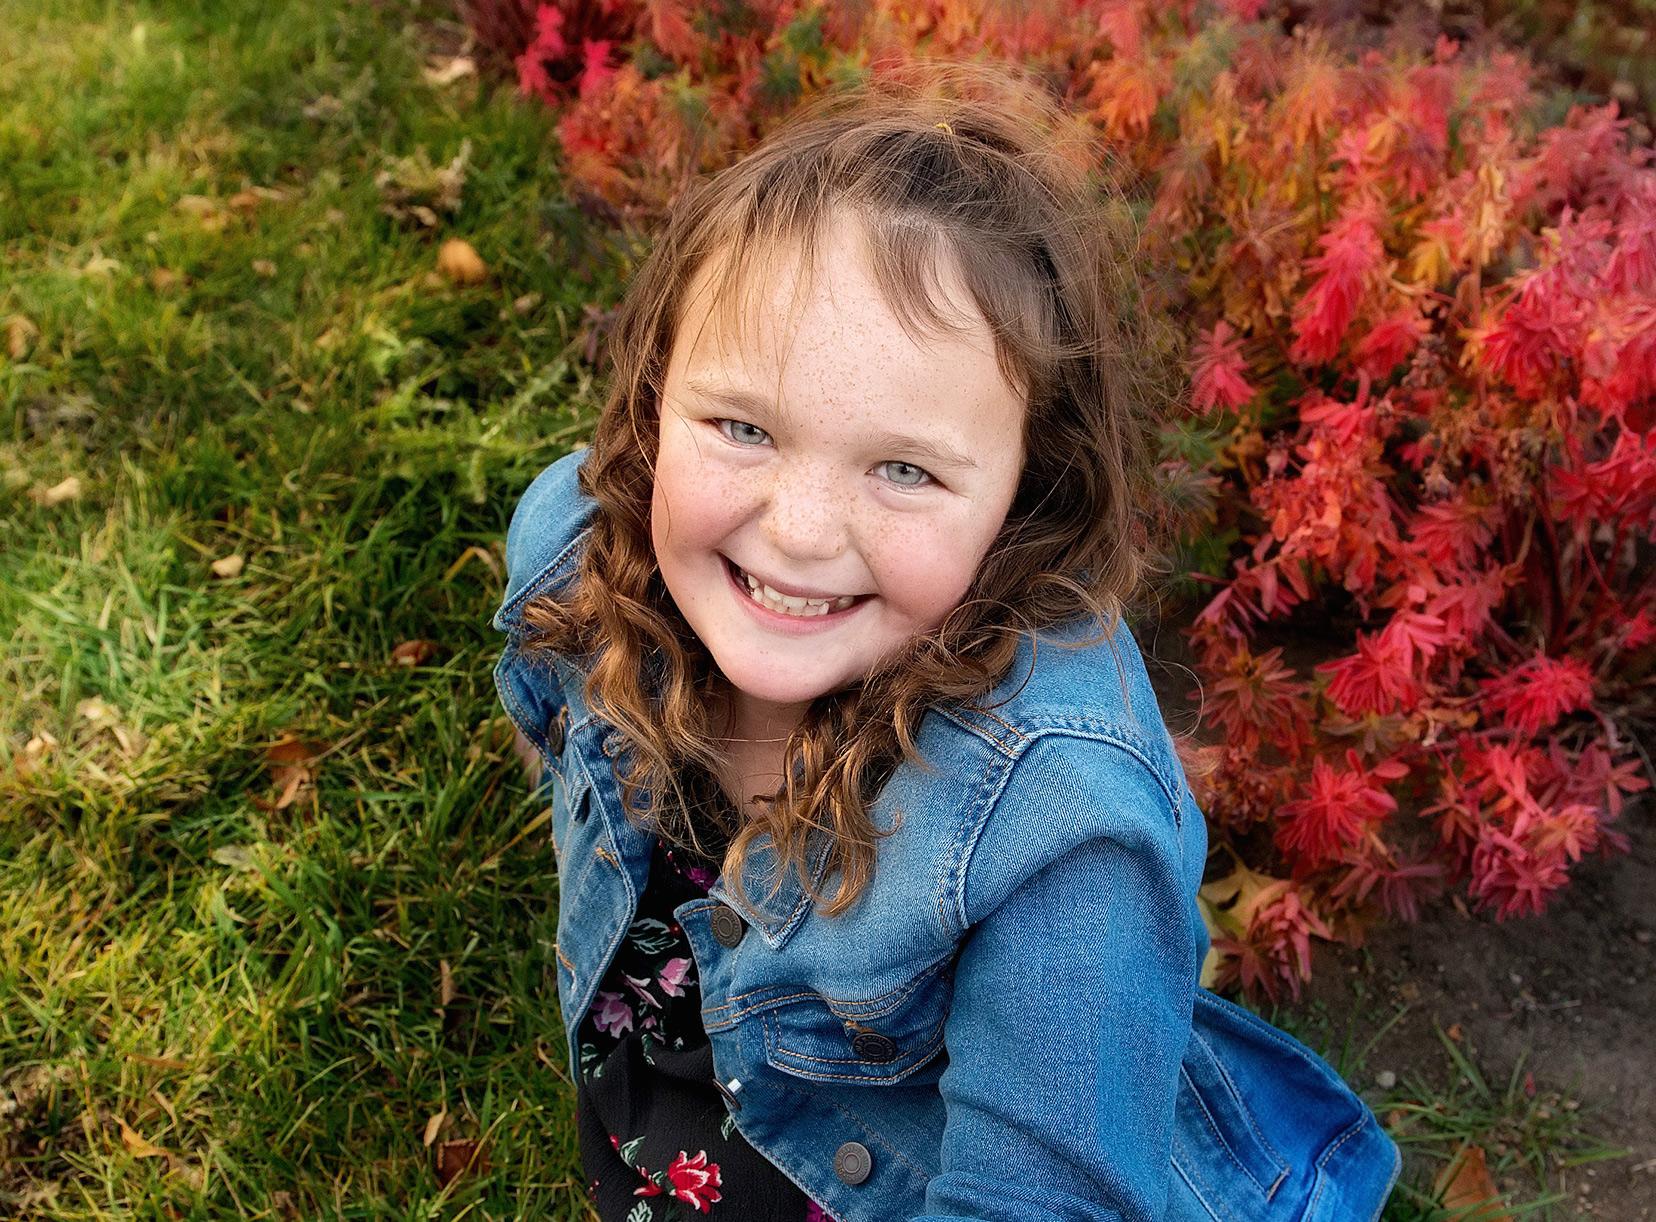 gorgeous-fall-photos-free-lense-photo-07.jpg